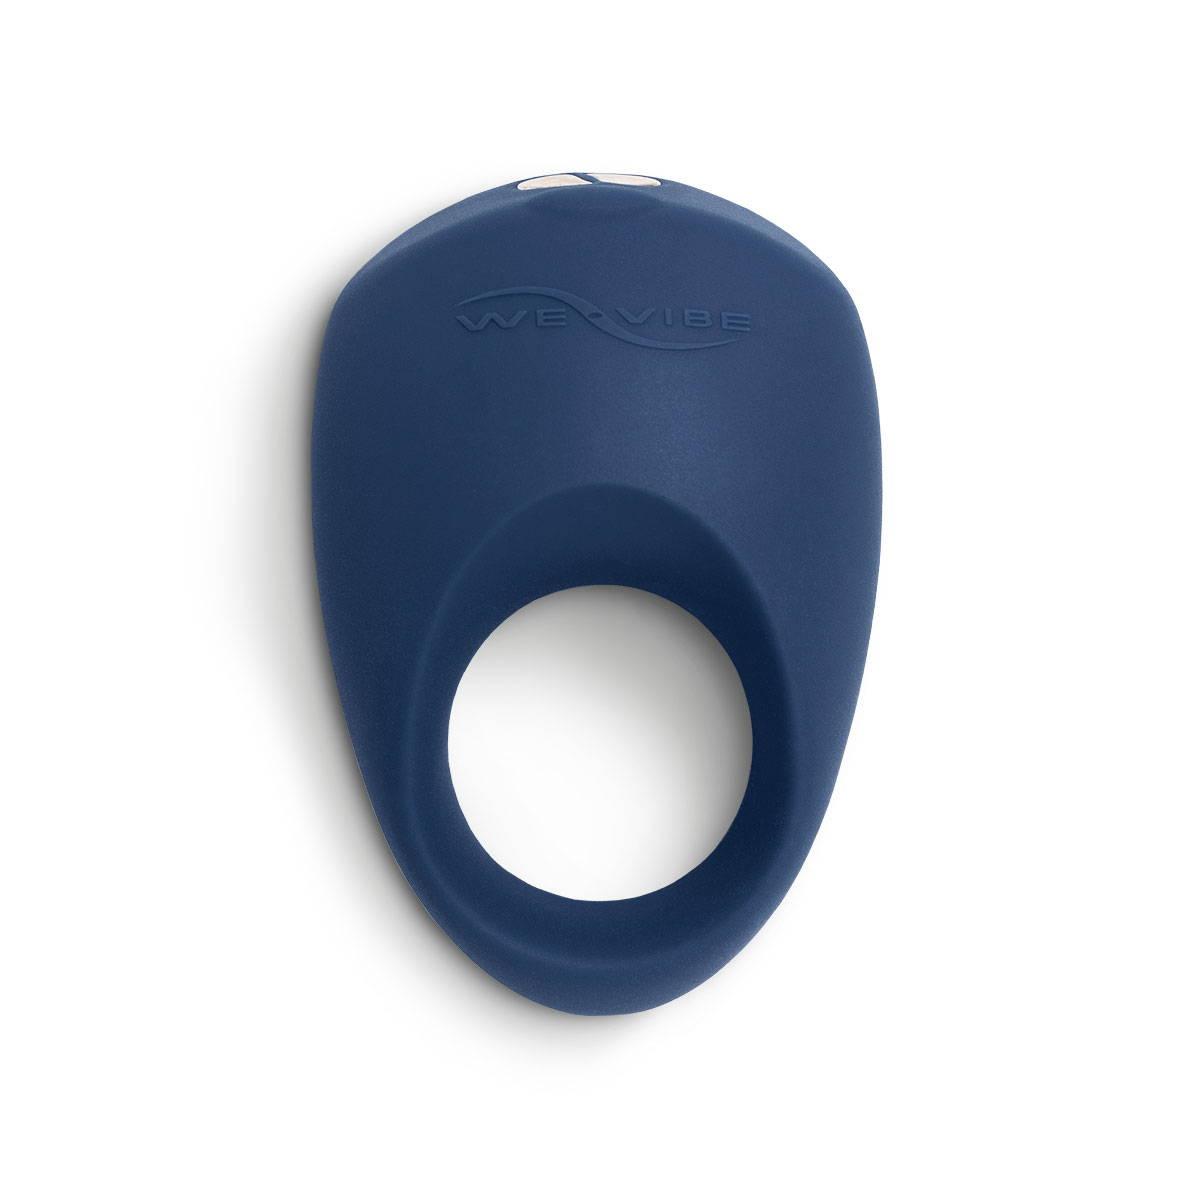 we-vibe-pivot-vibrating-penis-ring